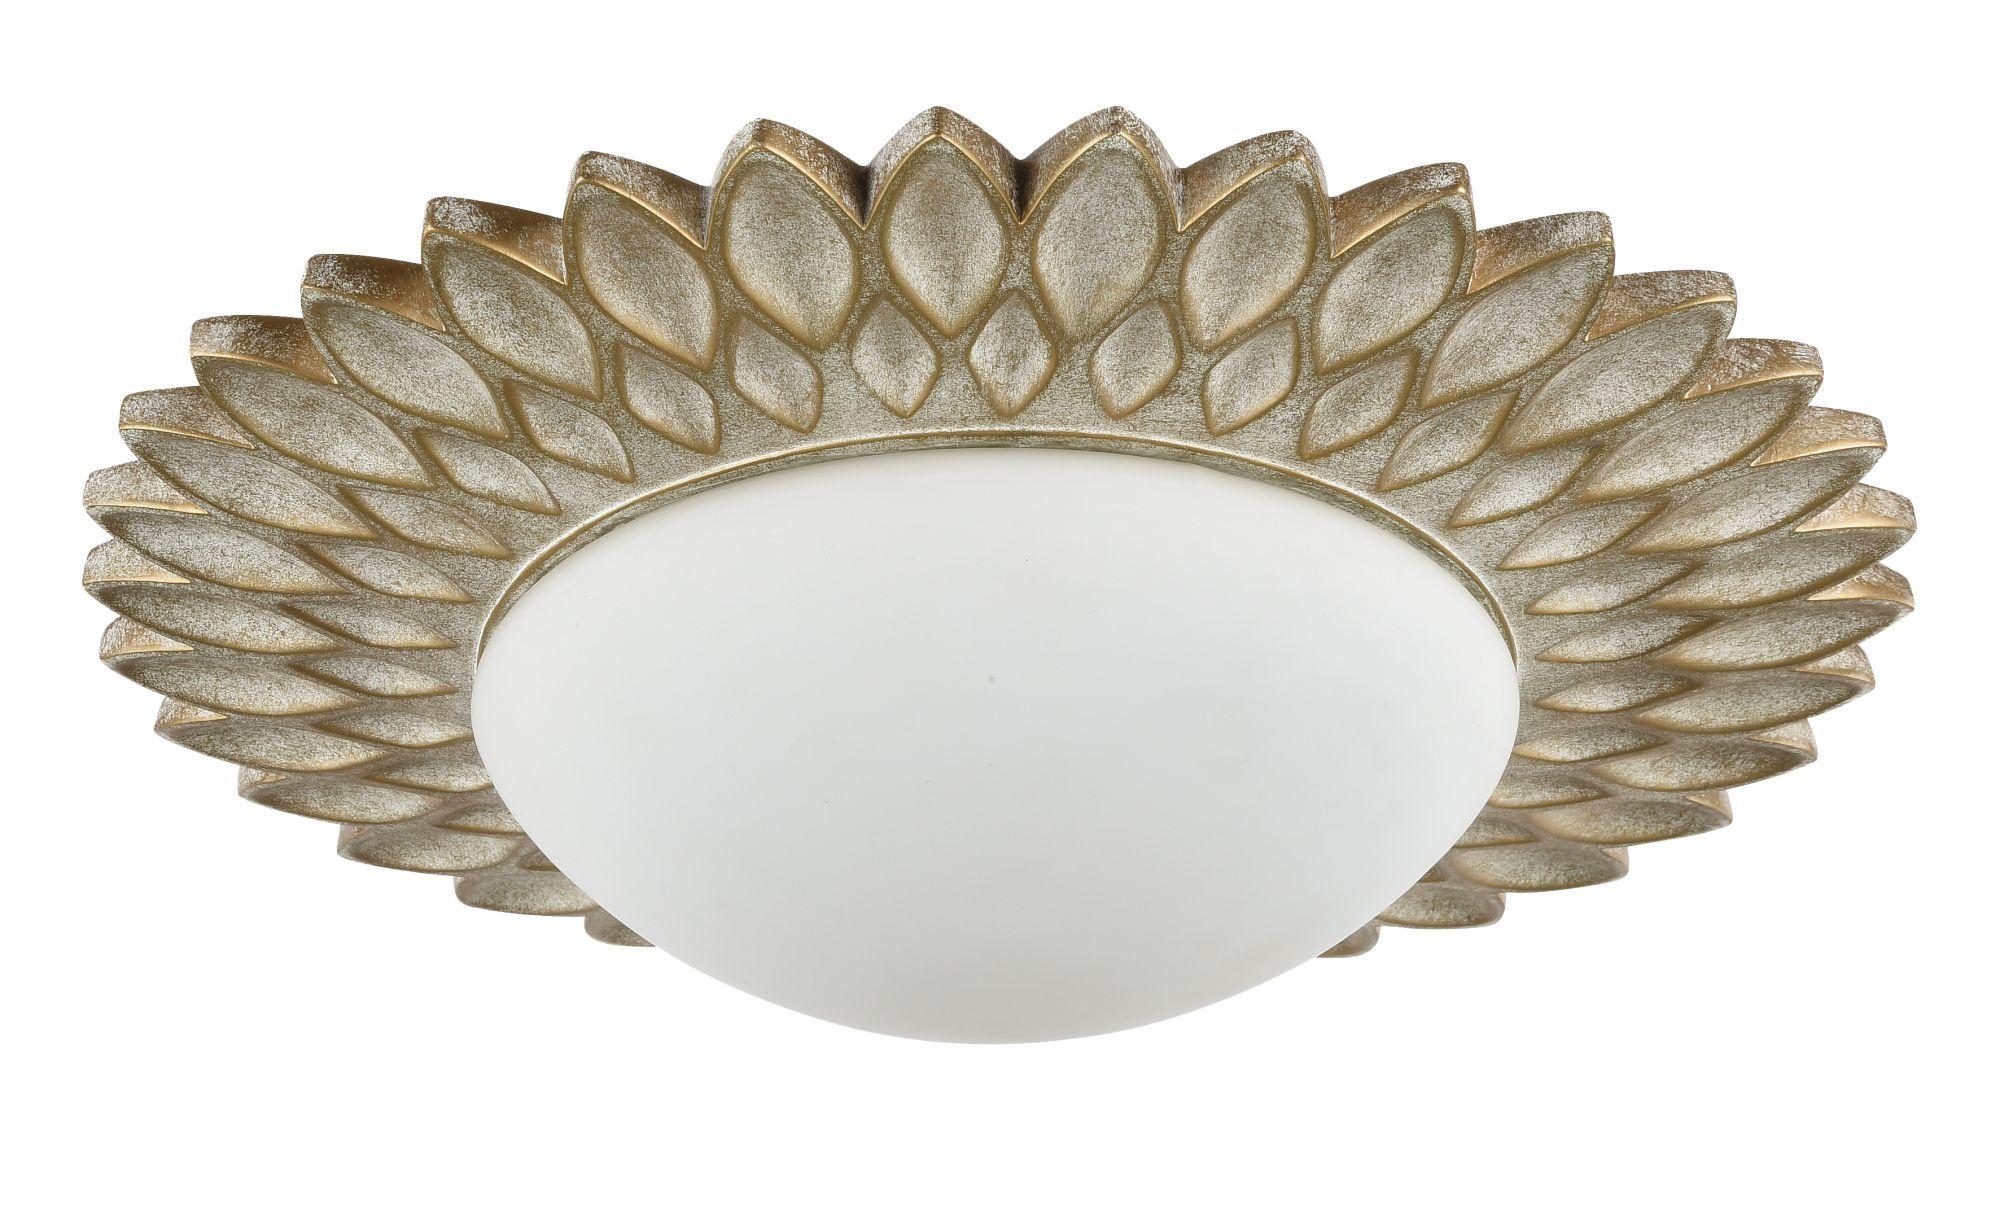 Потолочный светильник Maytoni Lamar H301-03-G, 3xE14x40W, бежевый, белый, металл, стекло - фото 4